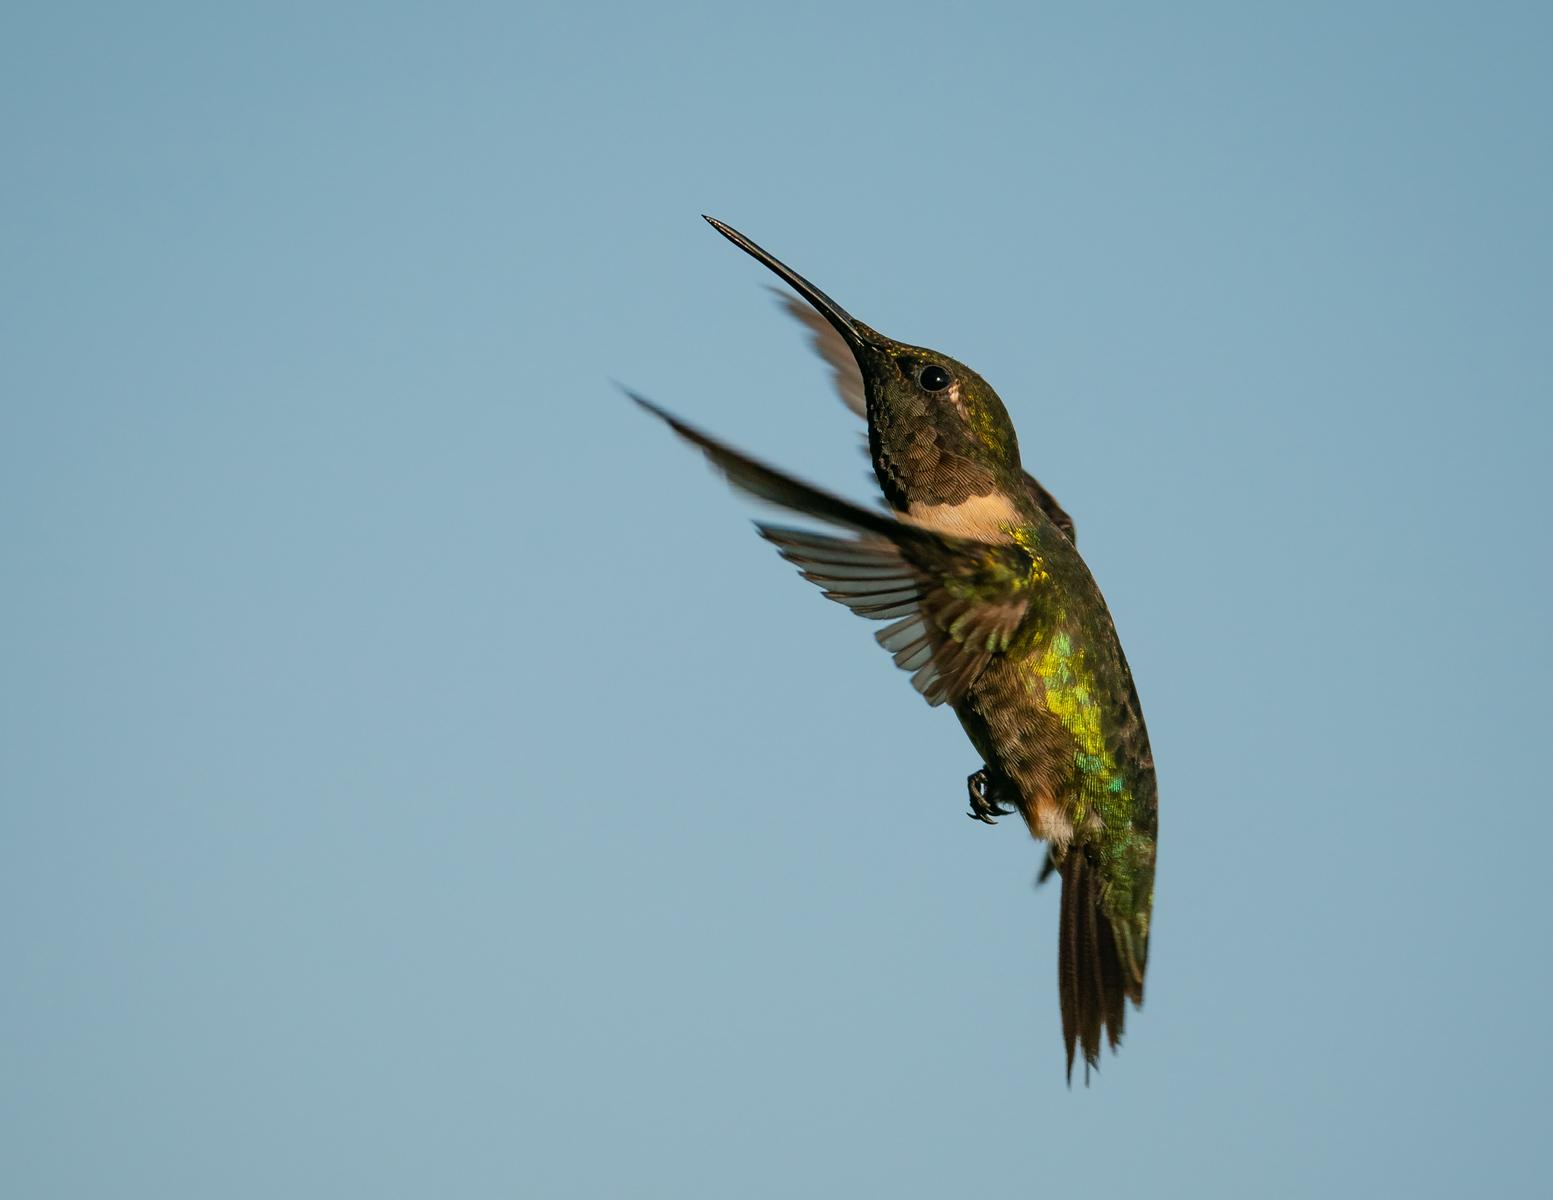 IMAGE: https://photos.smugmug.com/Beautyinthetreesandintheair/Humminngbirds-2020/i-LLSpSjN/0/58f3f046/X3/RT%20hummingbird_9_9-7-2020-106-X3.jpg